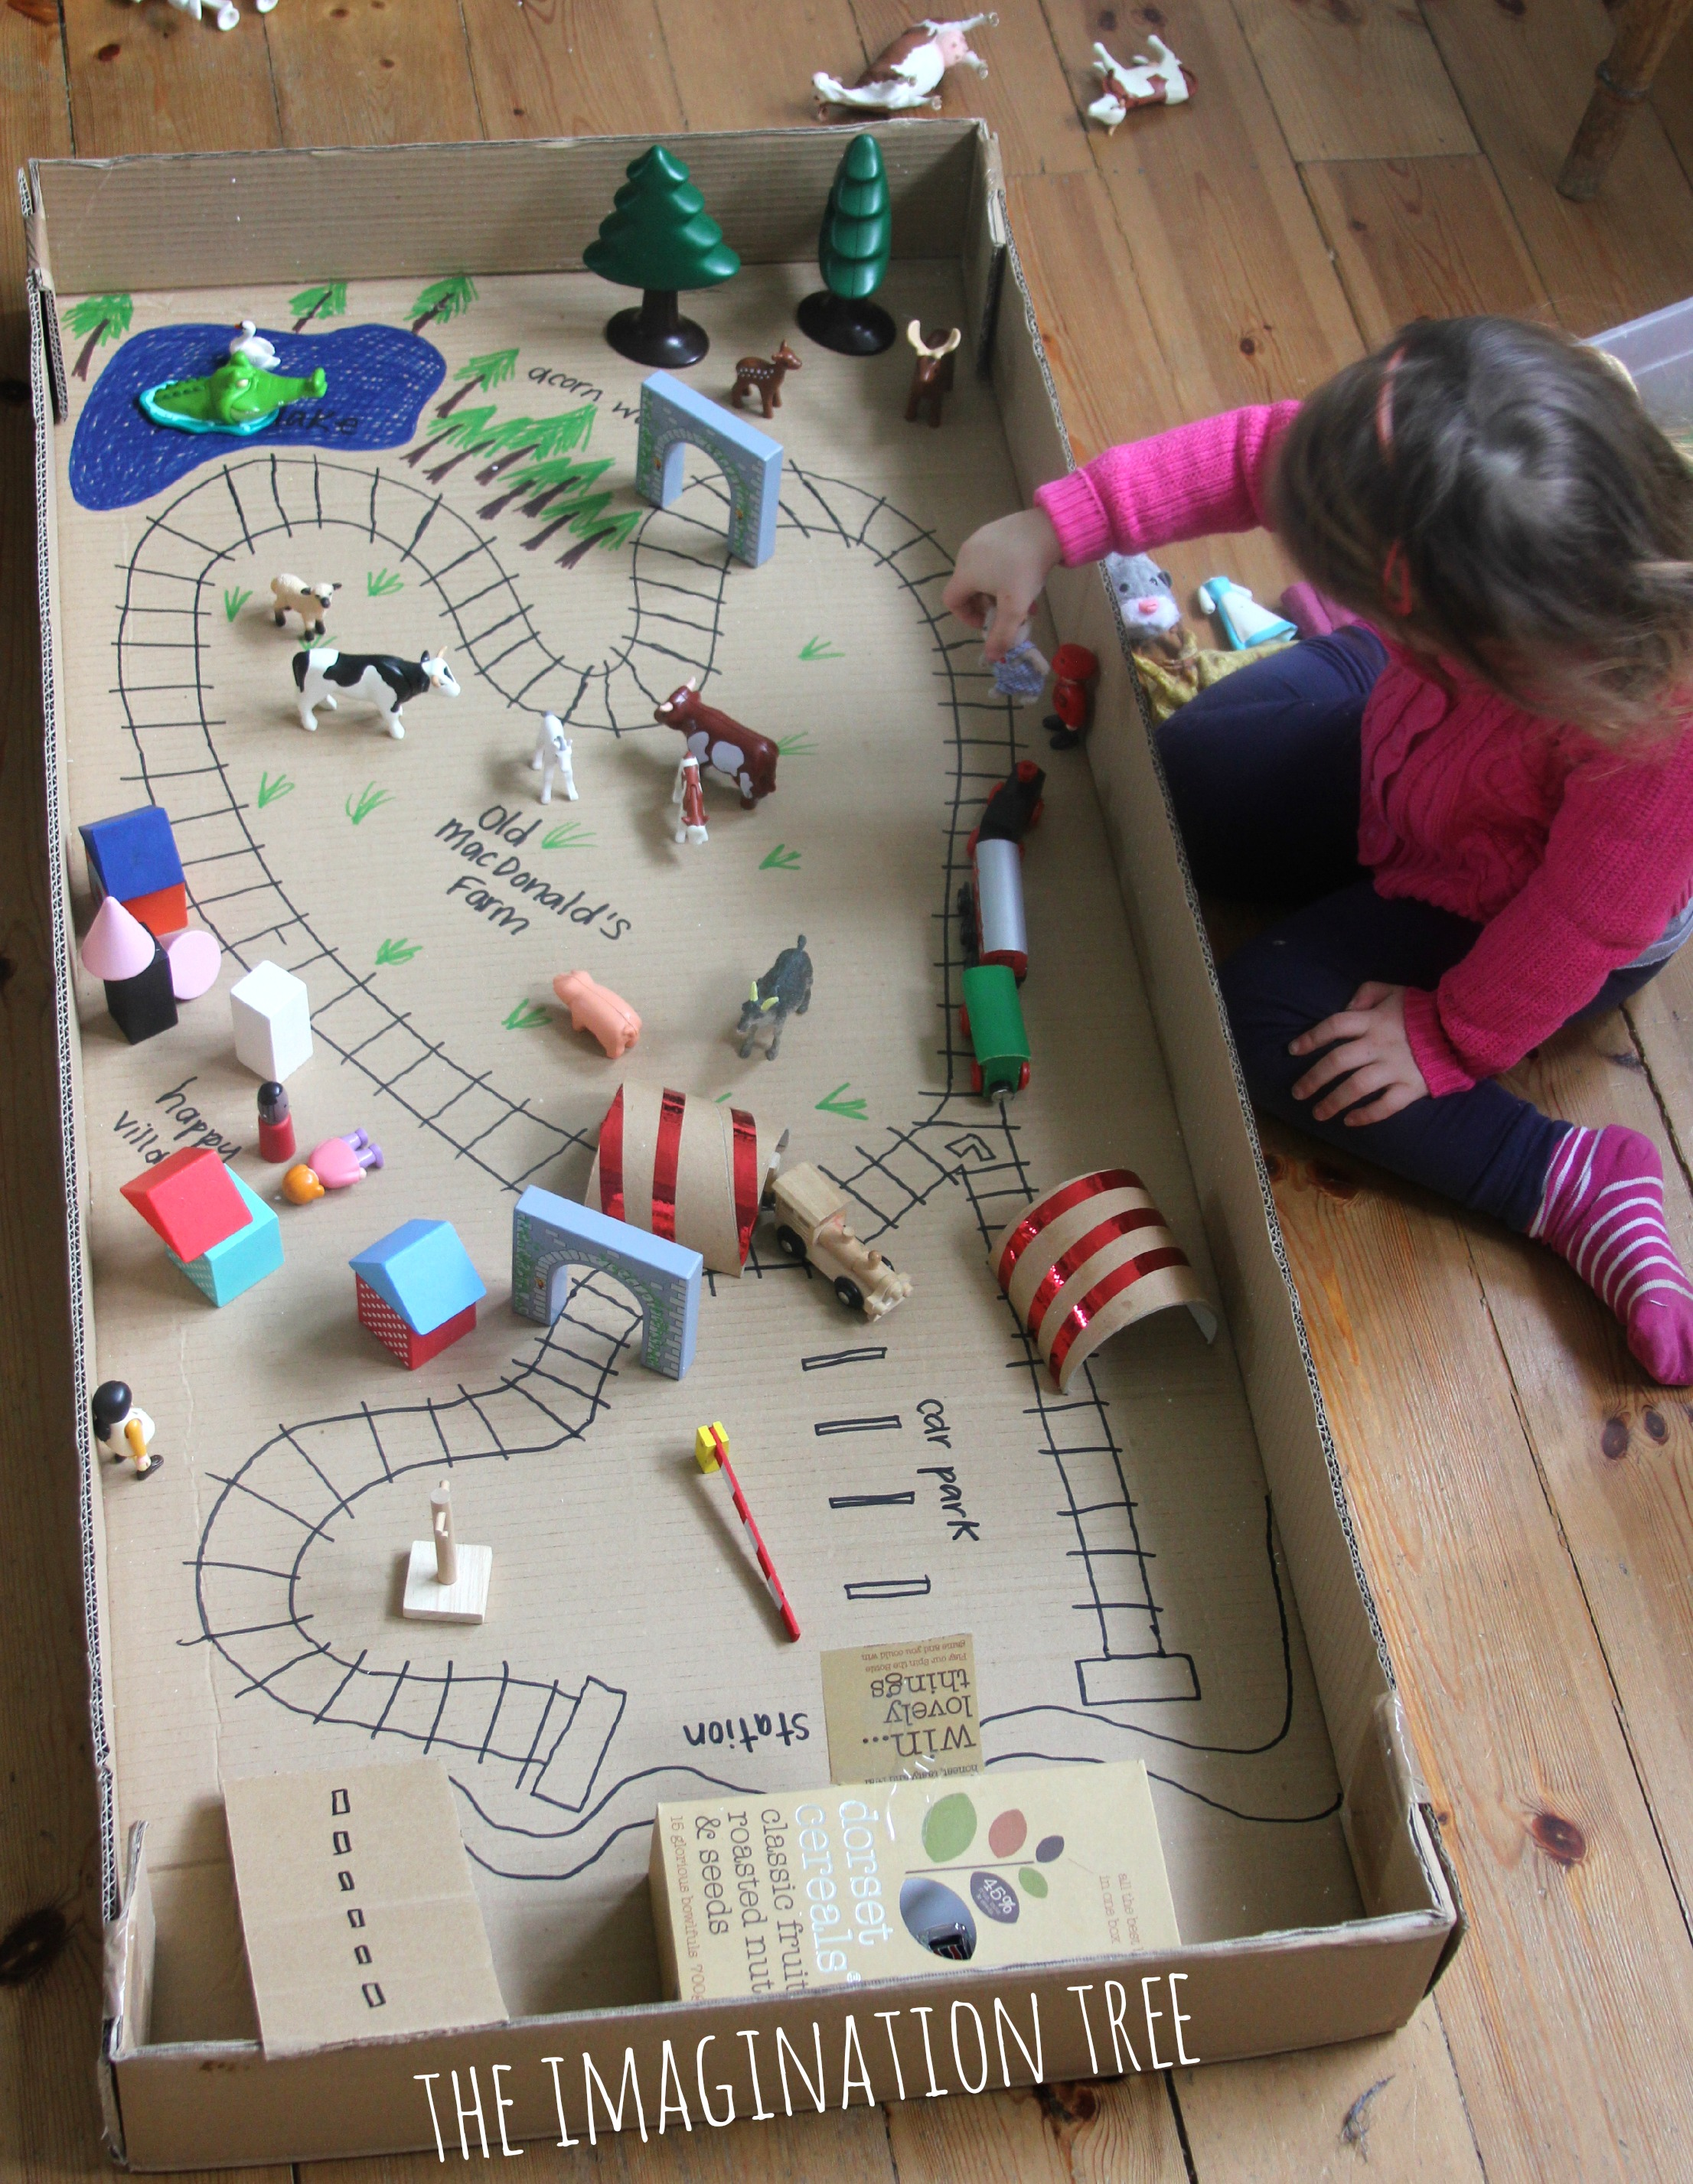 Pensando fora da caixa: 10 ideias de brinquedos para fazer com papelão